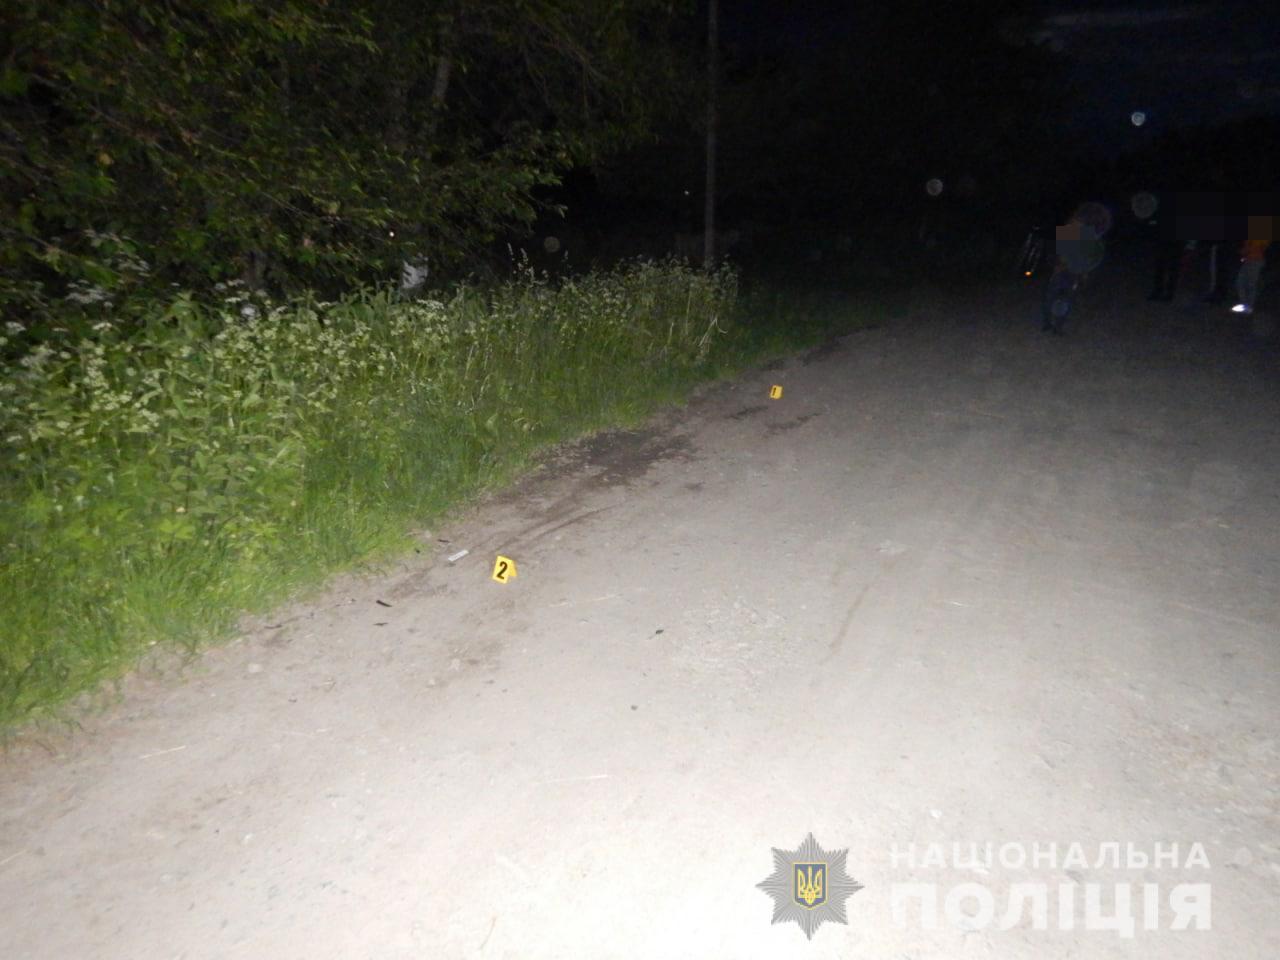 У Ковельському районі керманич мопеда збив 5-річного хлопчика